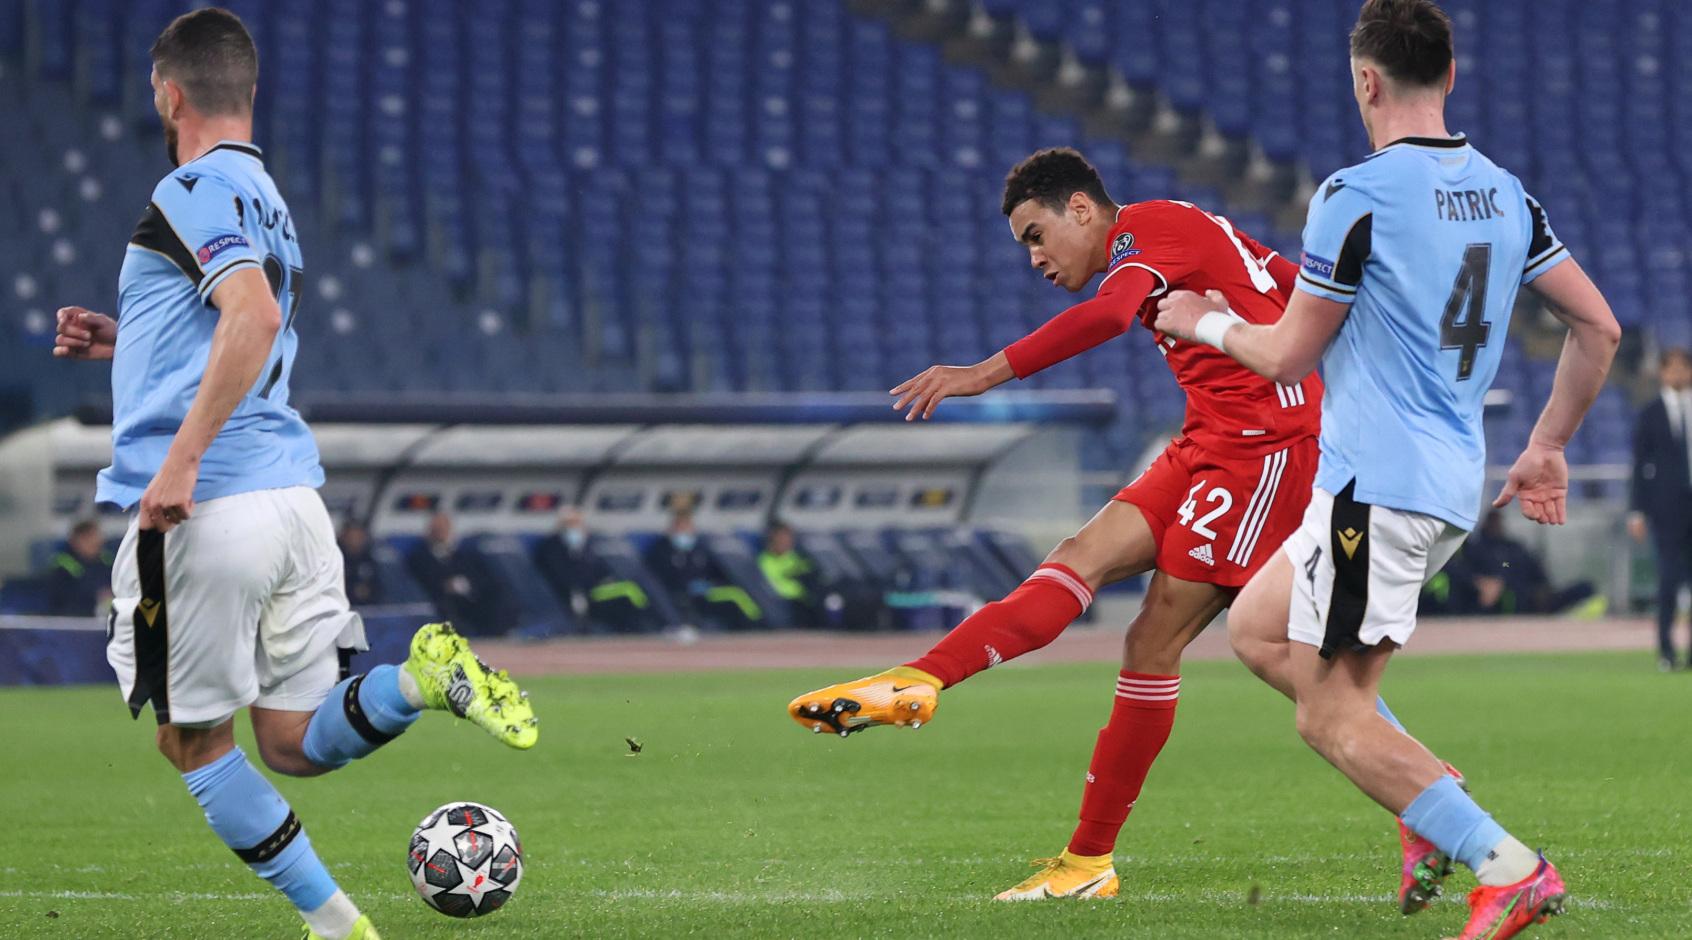 Мусиала - самый молодой англичанин, забивавший в Лиге чемпионов